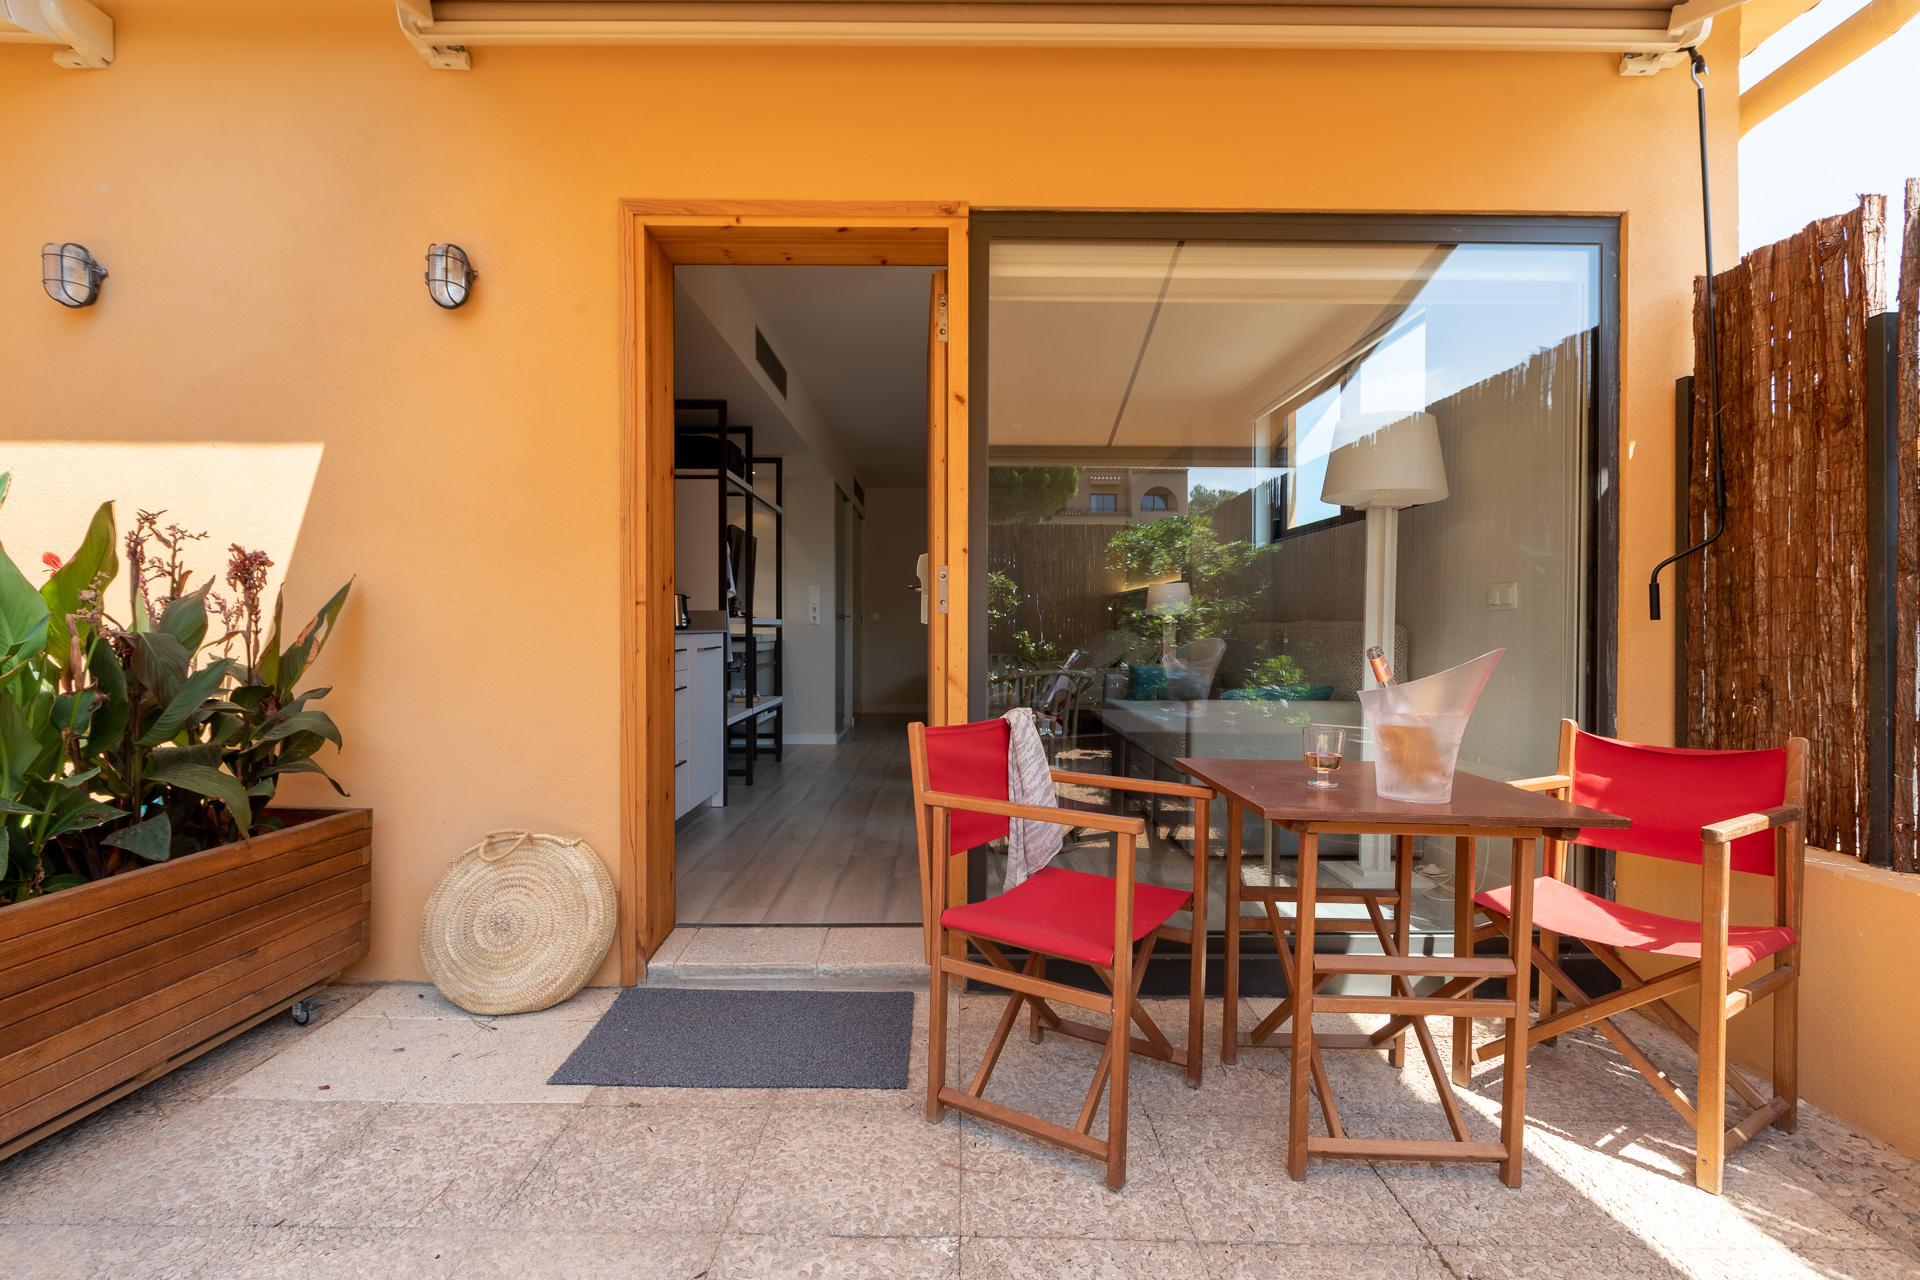 Bungalow À Pals, Costa Brava, Espagne | Apartaments Golf à Bungalow De Jardin Design